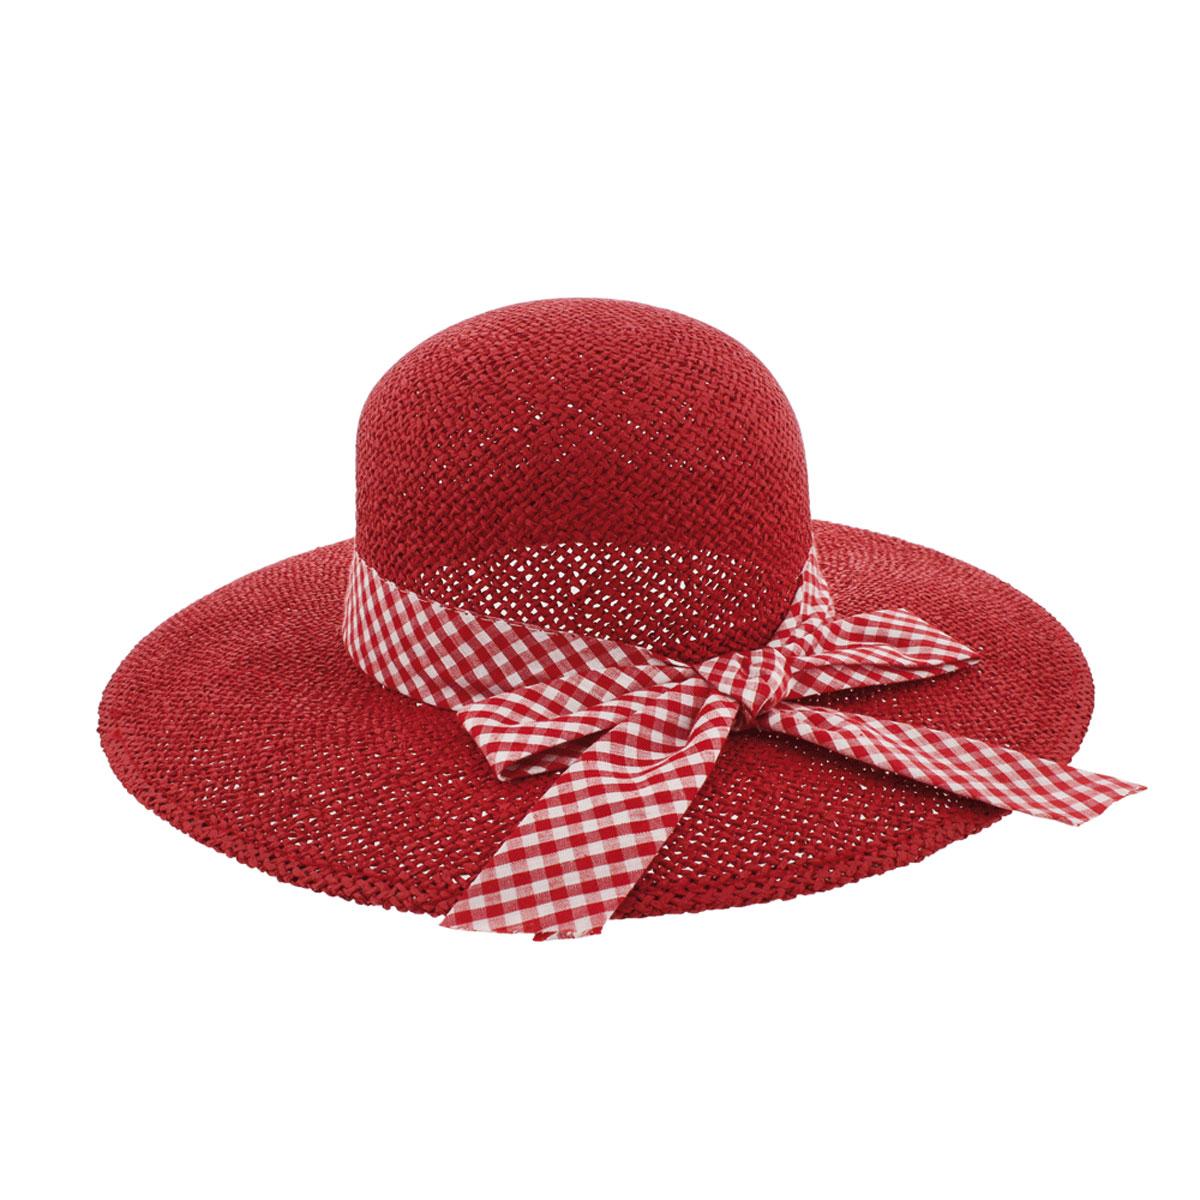 Шляпа77-100-17-57Широкополая шляпа R.Mountain Clara украсит любой наряд. Она дополнена вокруг тульи широкой лентой с принтом в клетку, завязанной в бант. Благодаря своей форме, шляпа удобно садится по голове и подойдет к любому стилю. Модель легко восстанавливает свою форму после сжатия. Такая шляпка подчеркнет вашу неповторимость и дополнит ваш повседневный образ.